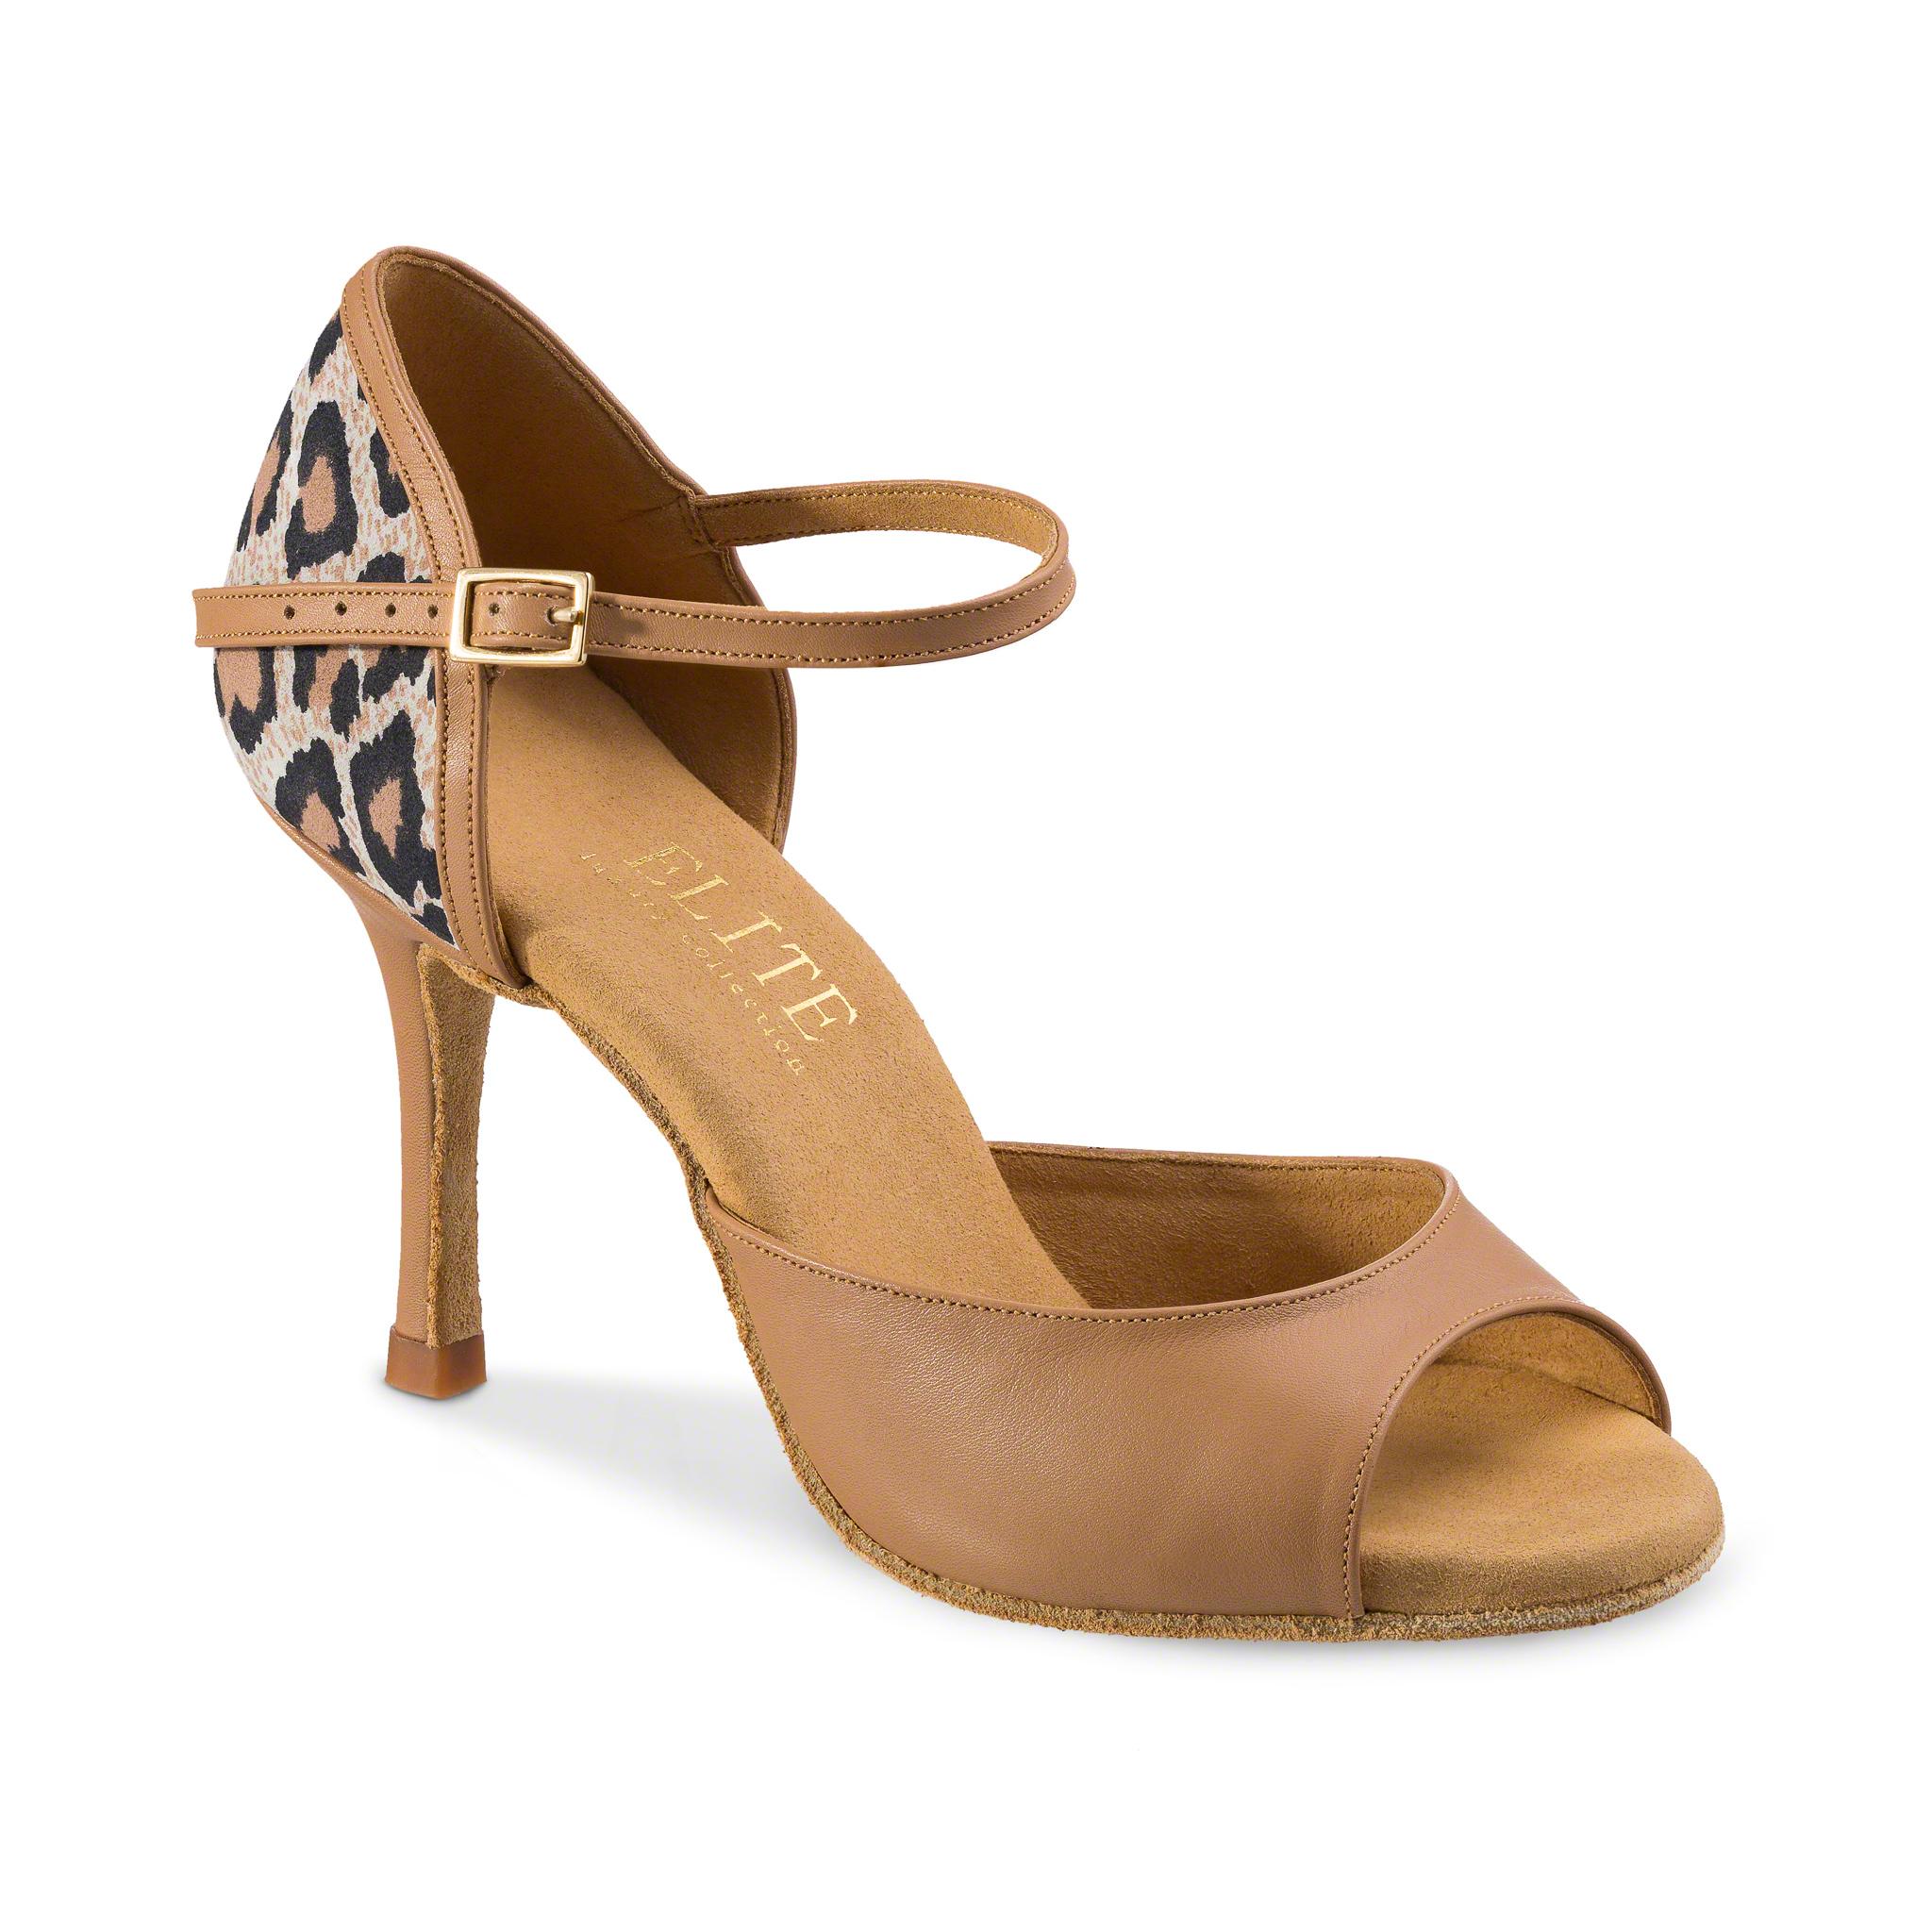 High Fashion Dance Shoe